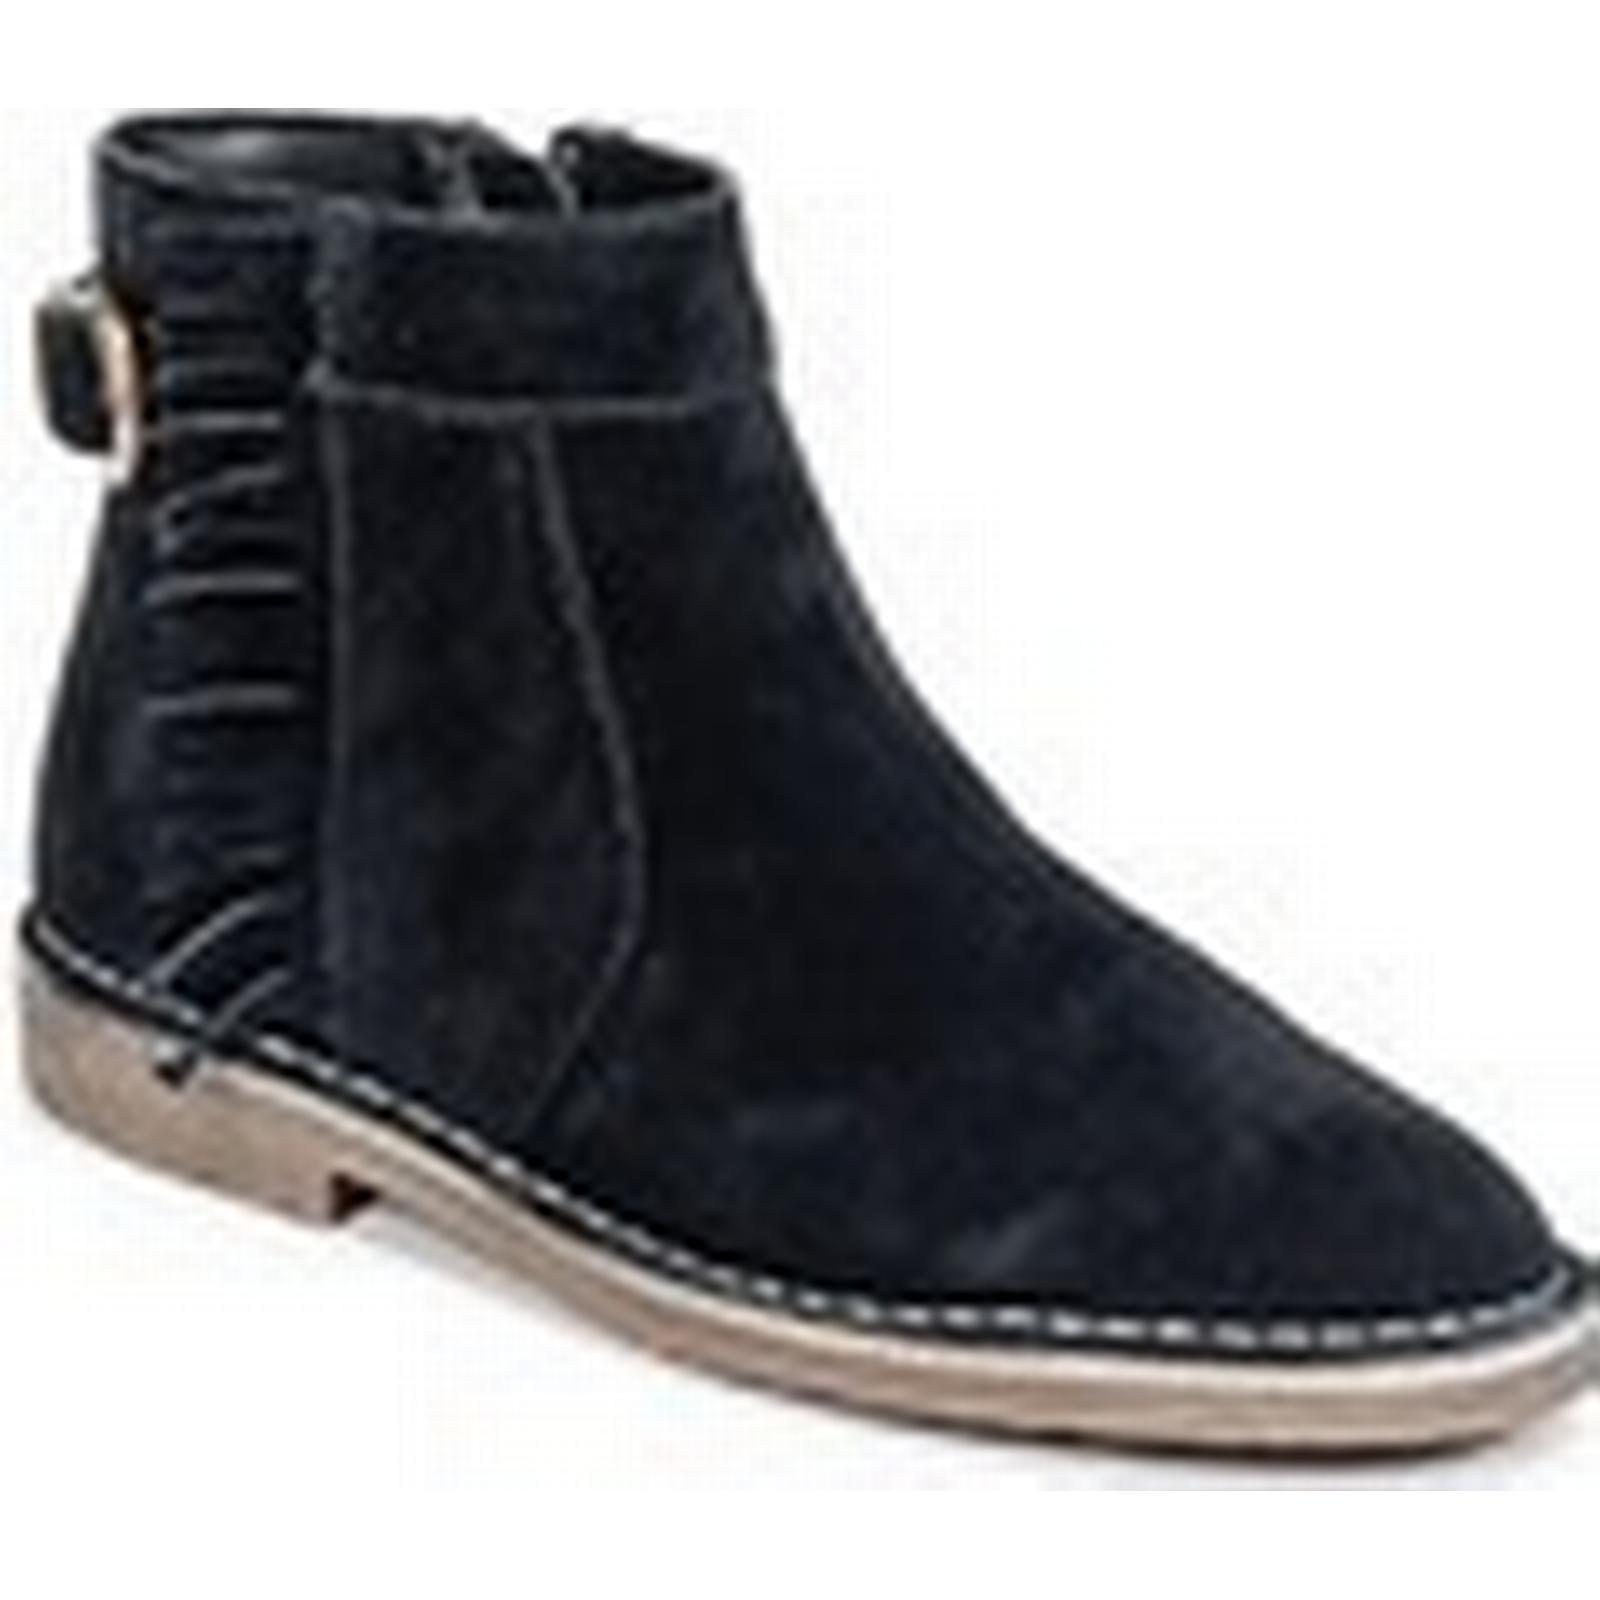 en marge des femmes et   - esprit koa 27  s la mi -   bottes en noir d24de9 b12fe6b960a9